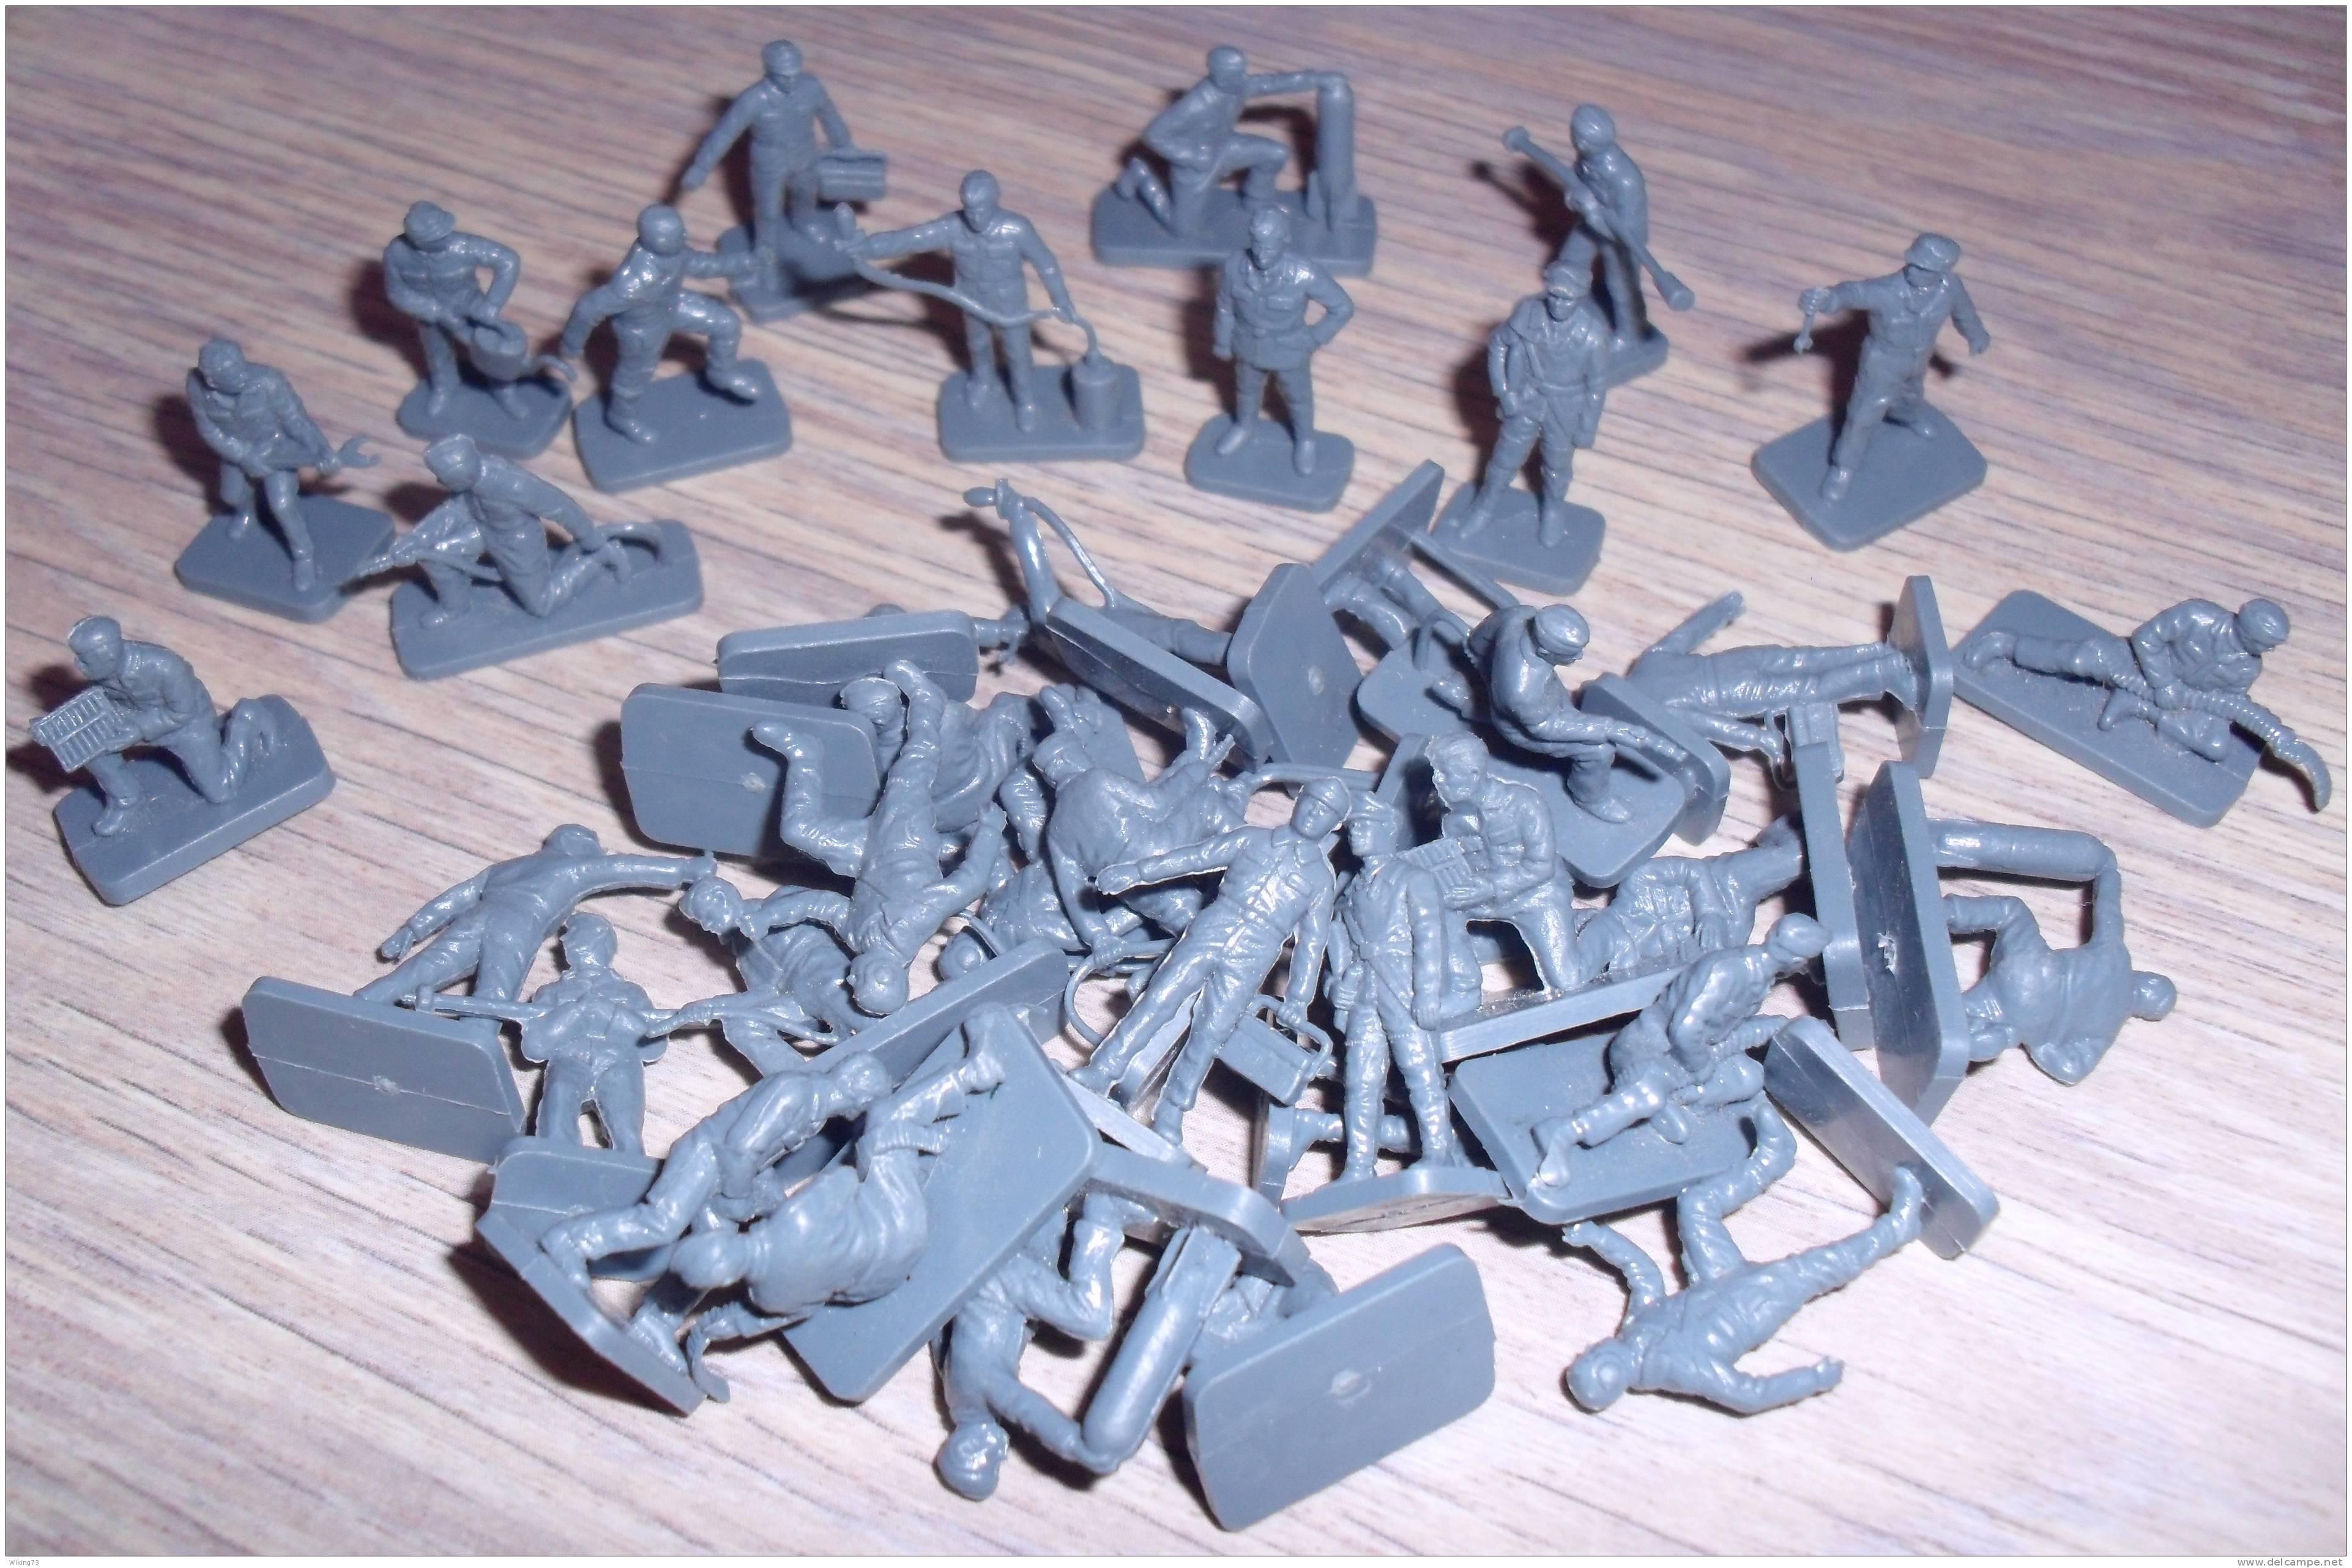 """Petits Soldats 1/72""""Personnel Au Sol Luftwaffe WWII""""/39 Pièces/Airfix/armée Allemande/aviation/diorama/pilotes/guerre - Leger"""